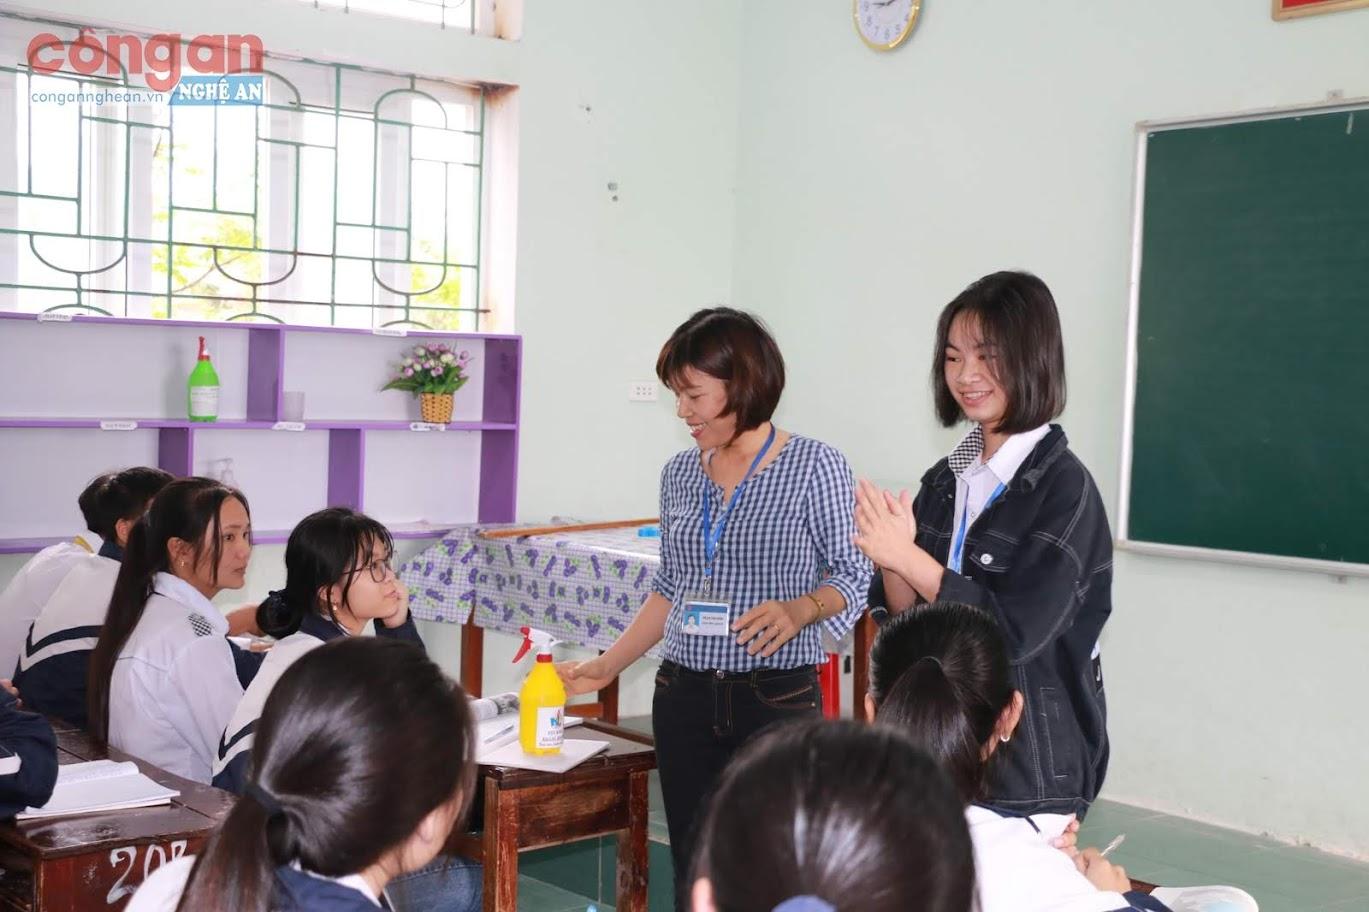 Công tác phòng chống dịch tại một số trường học trên địa bàn được thực hiện nghiêm túc